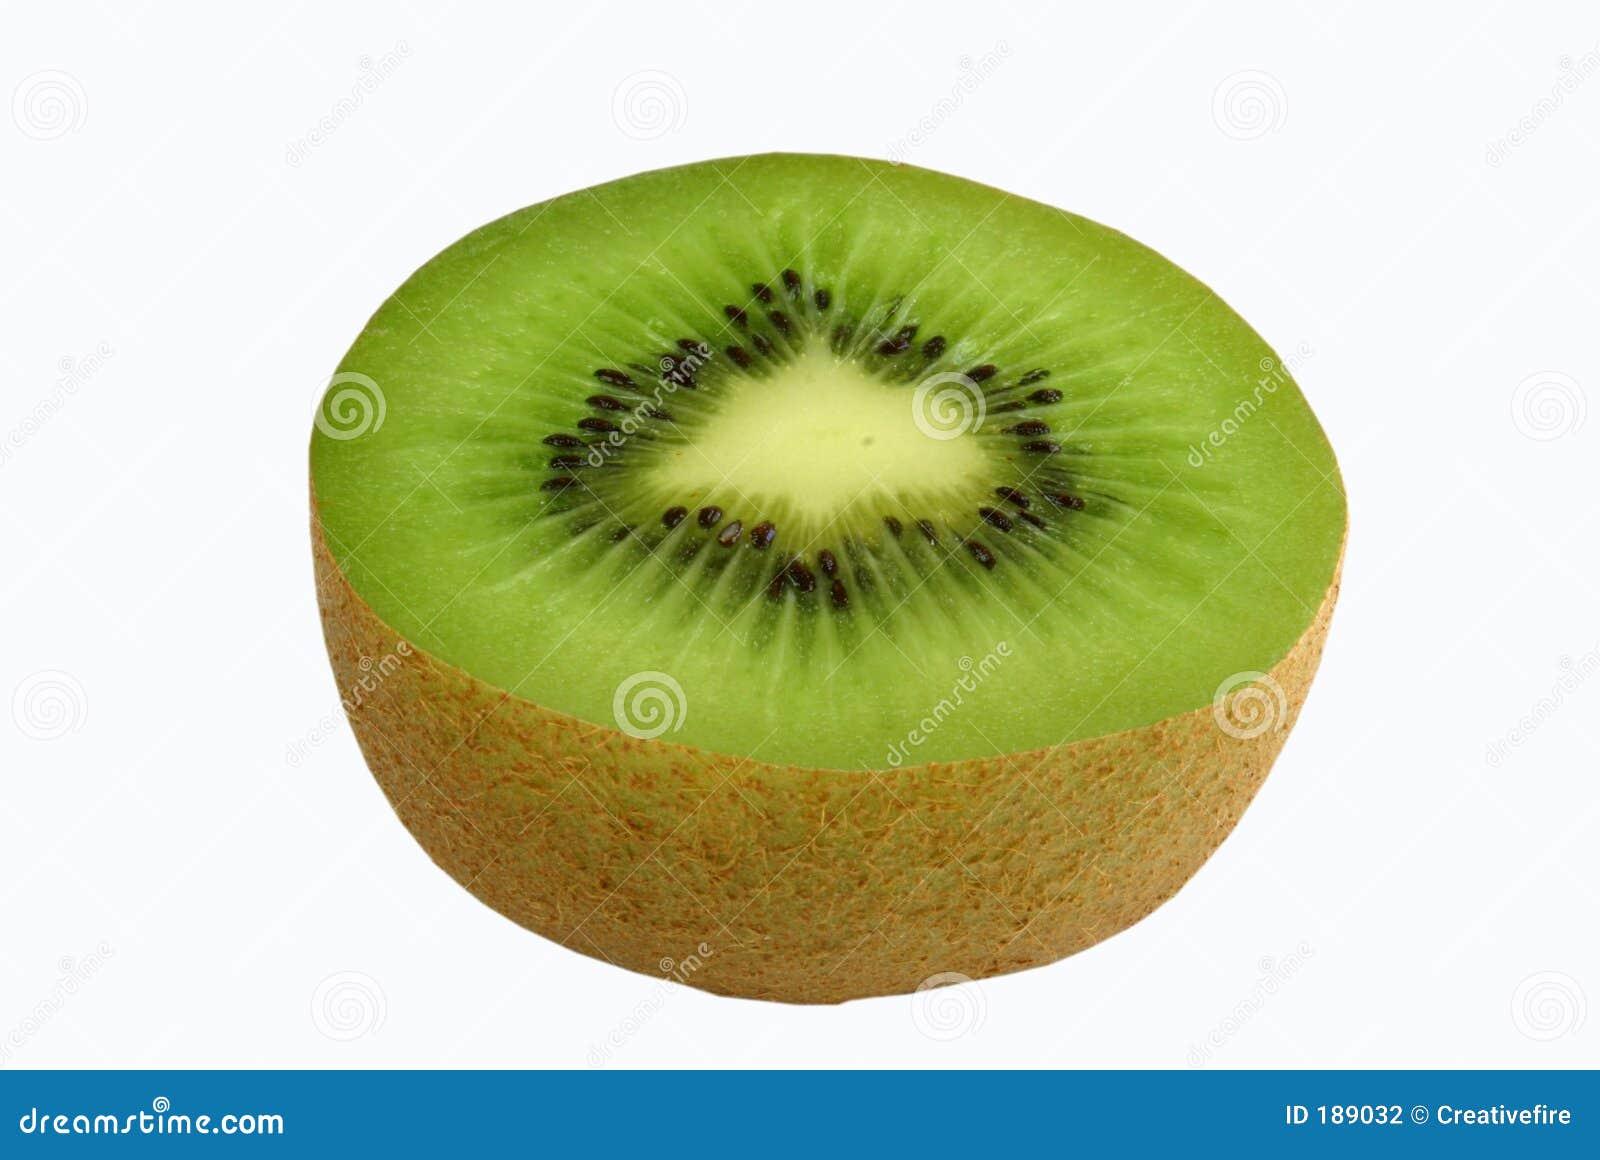 果子半猕猴桃